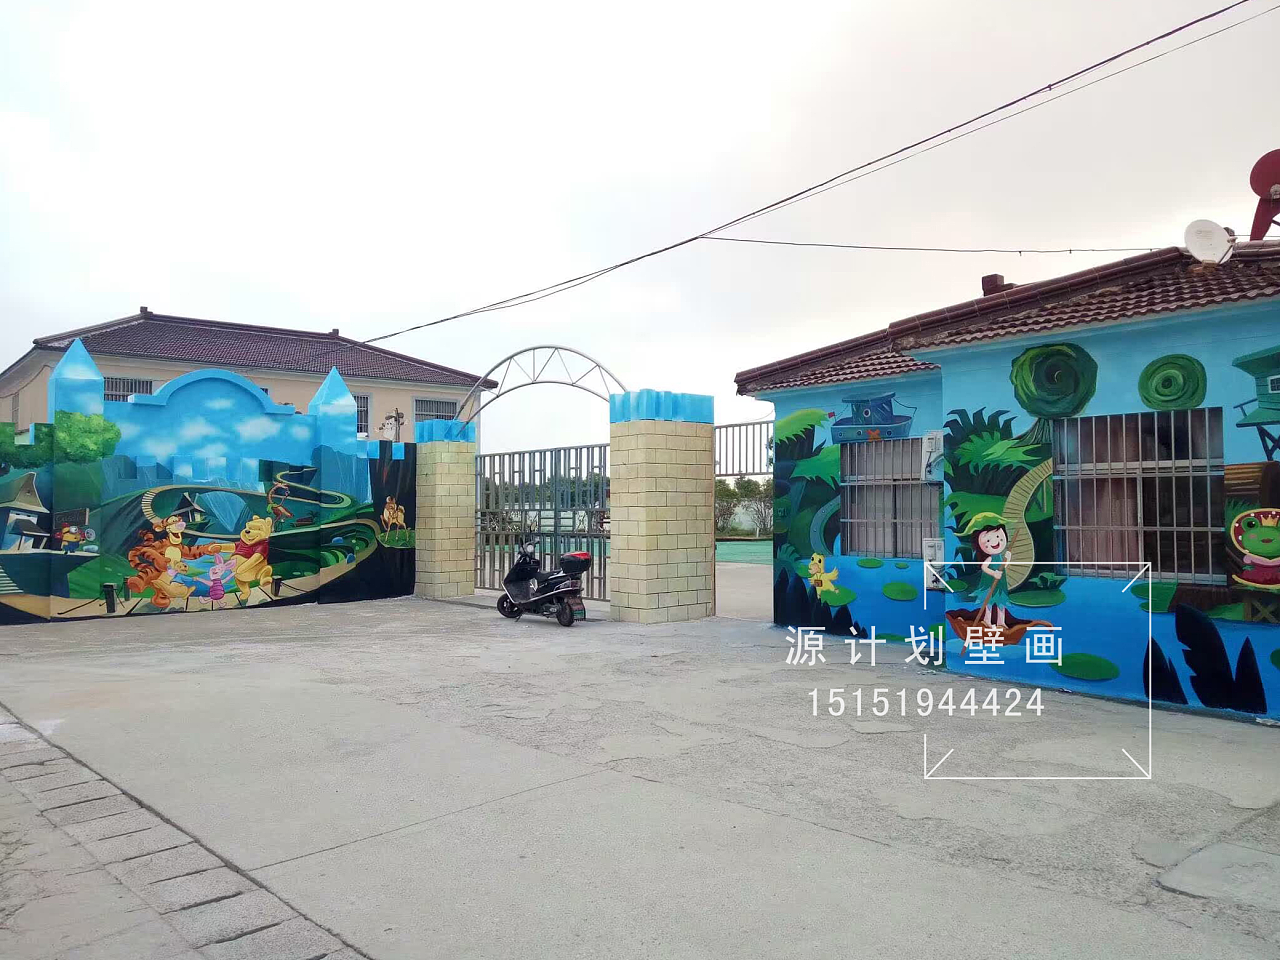 川埠幼儿园墙面手绘